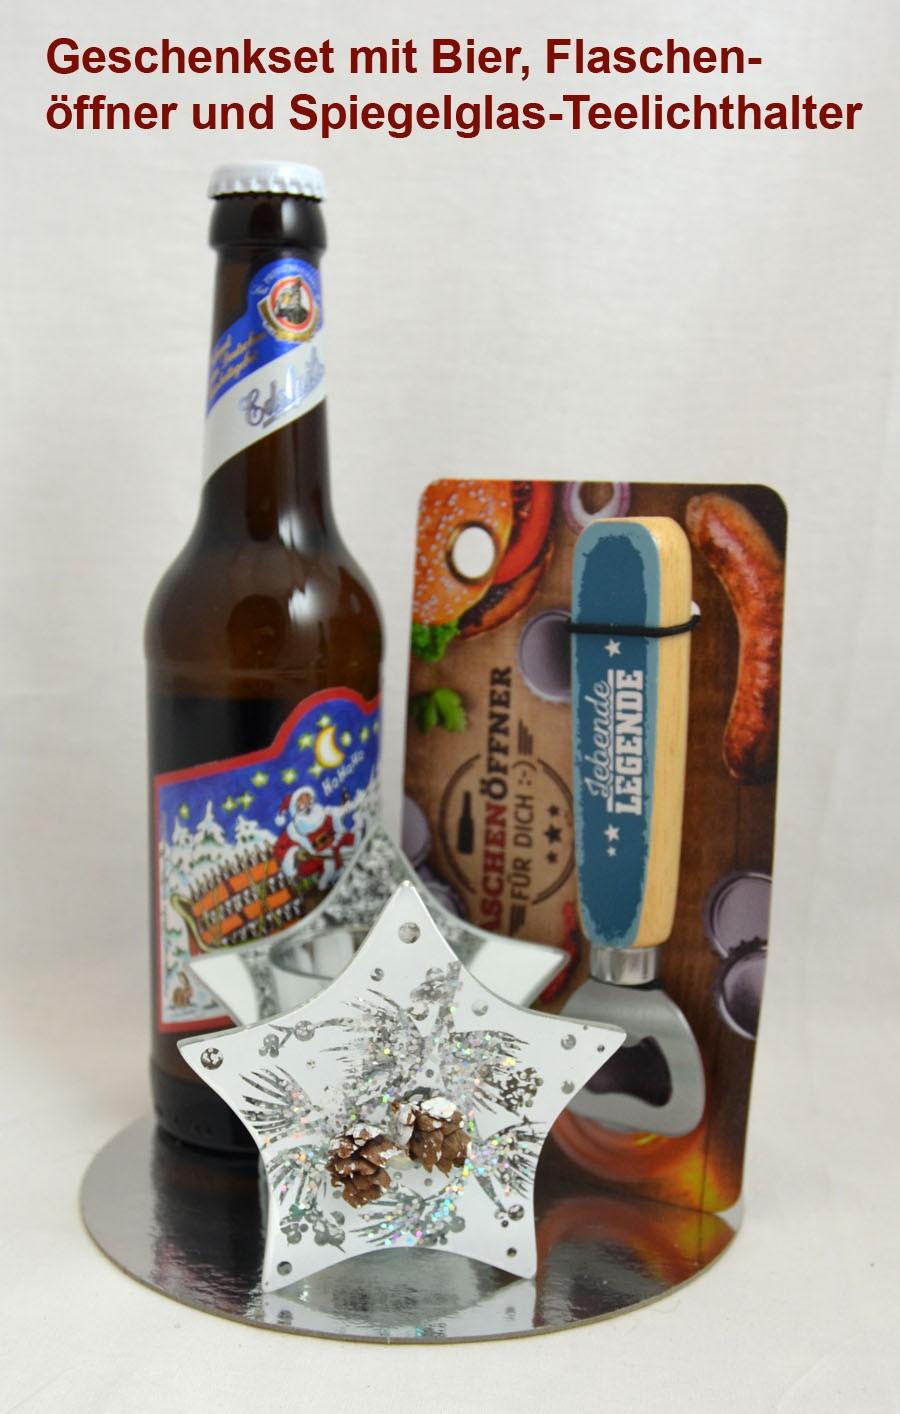 Geschenk-Set Bier, Öffner und Spiegelglas